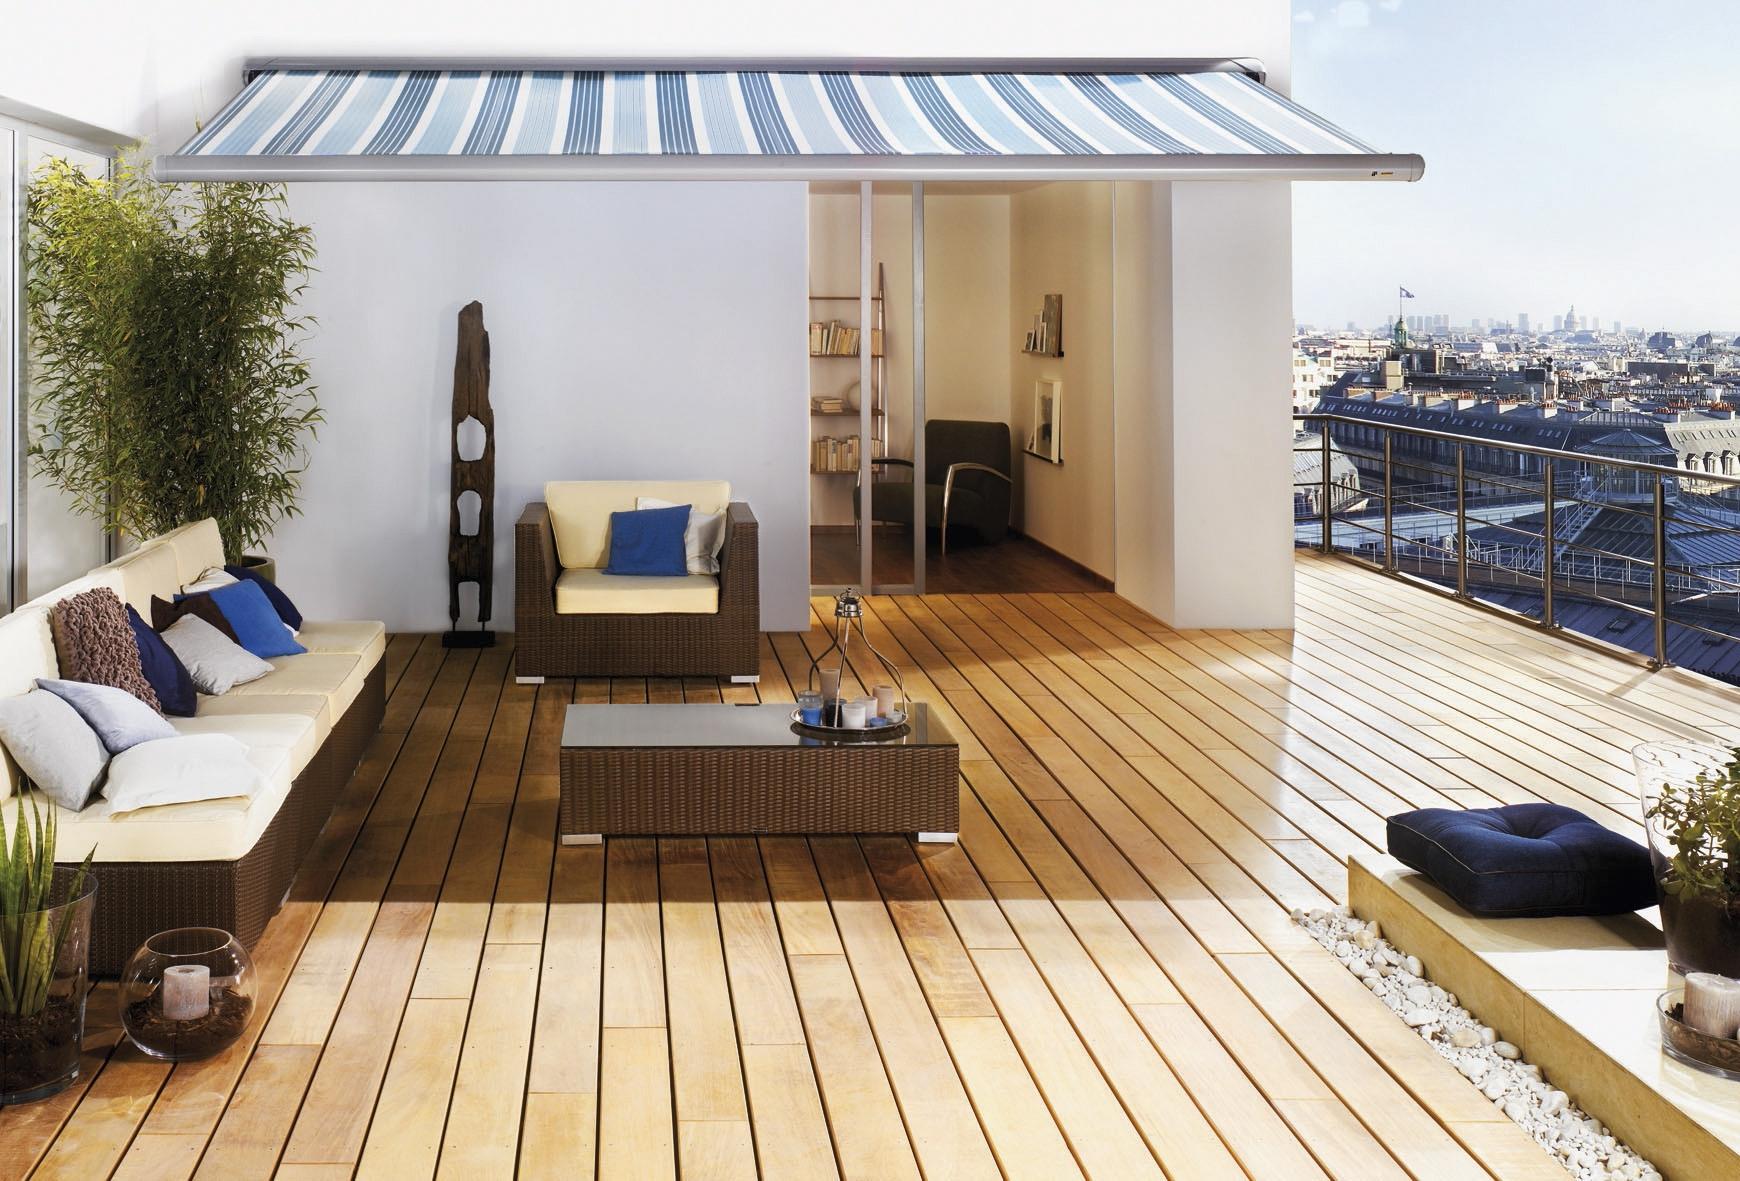 Tipps f r mediterrane terrassengestaltung - Terrassen fotos ...